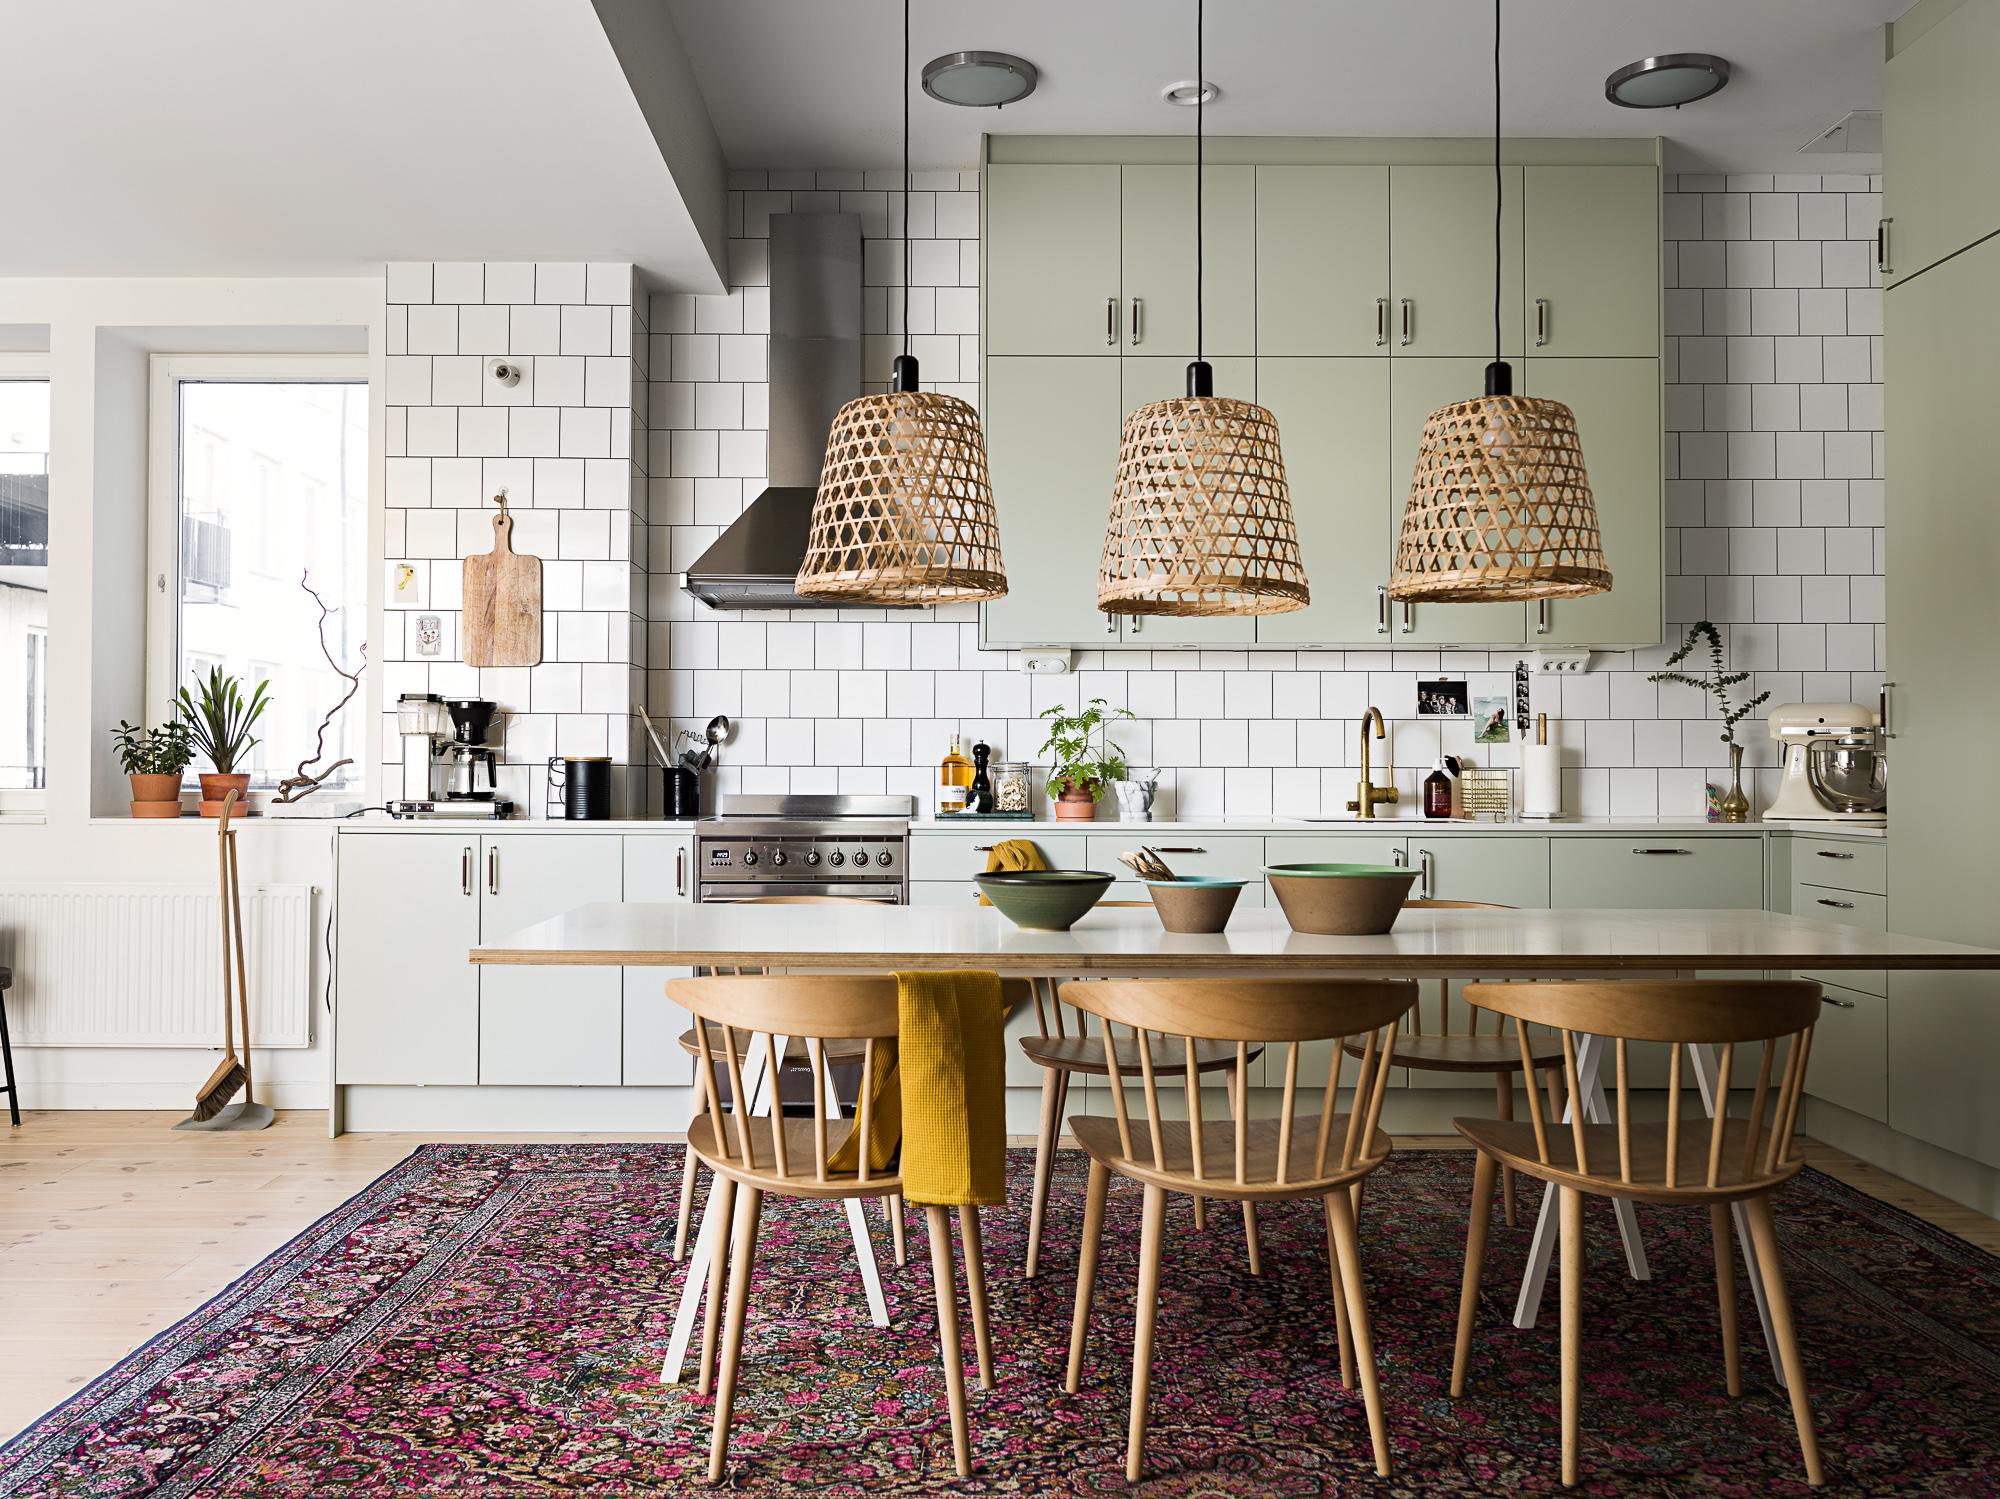 Idée déco ] Un tapis persan dans la cuisine - Turbulences Déco